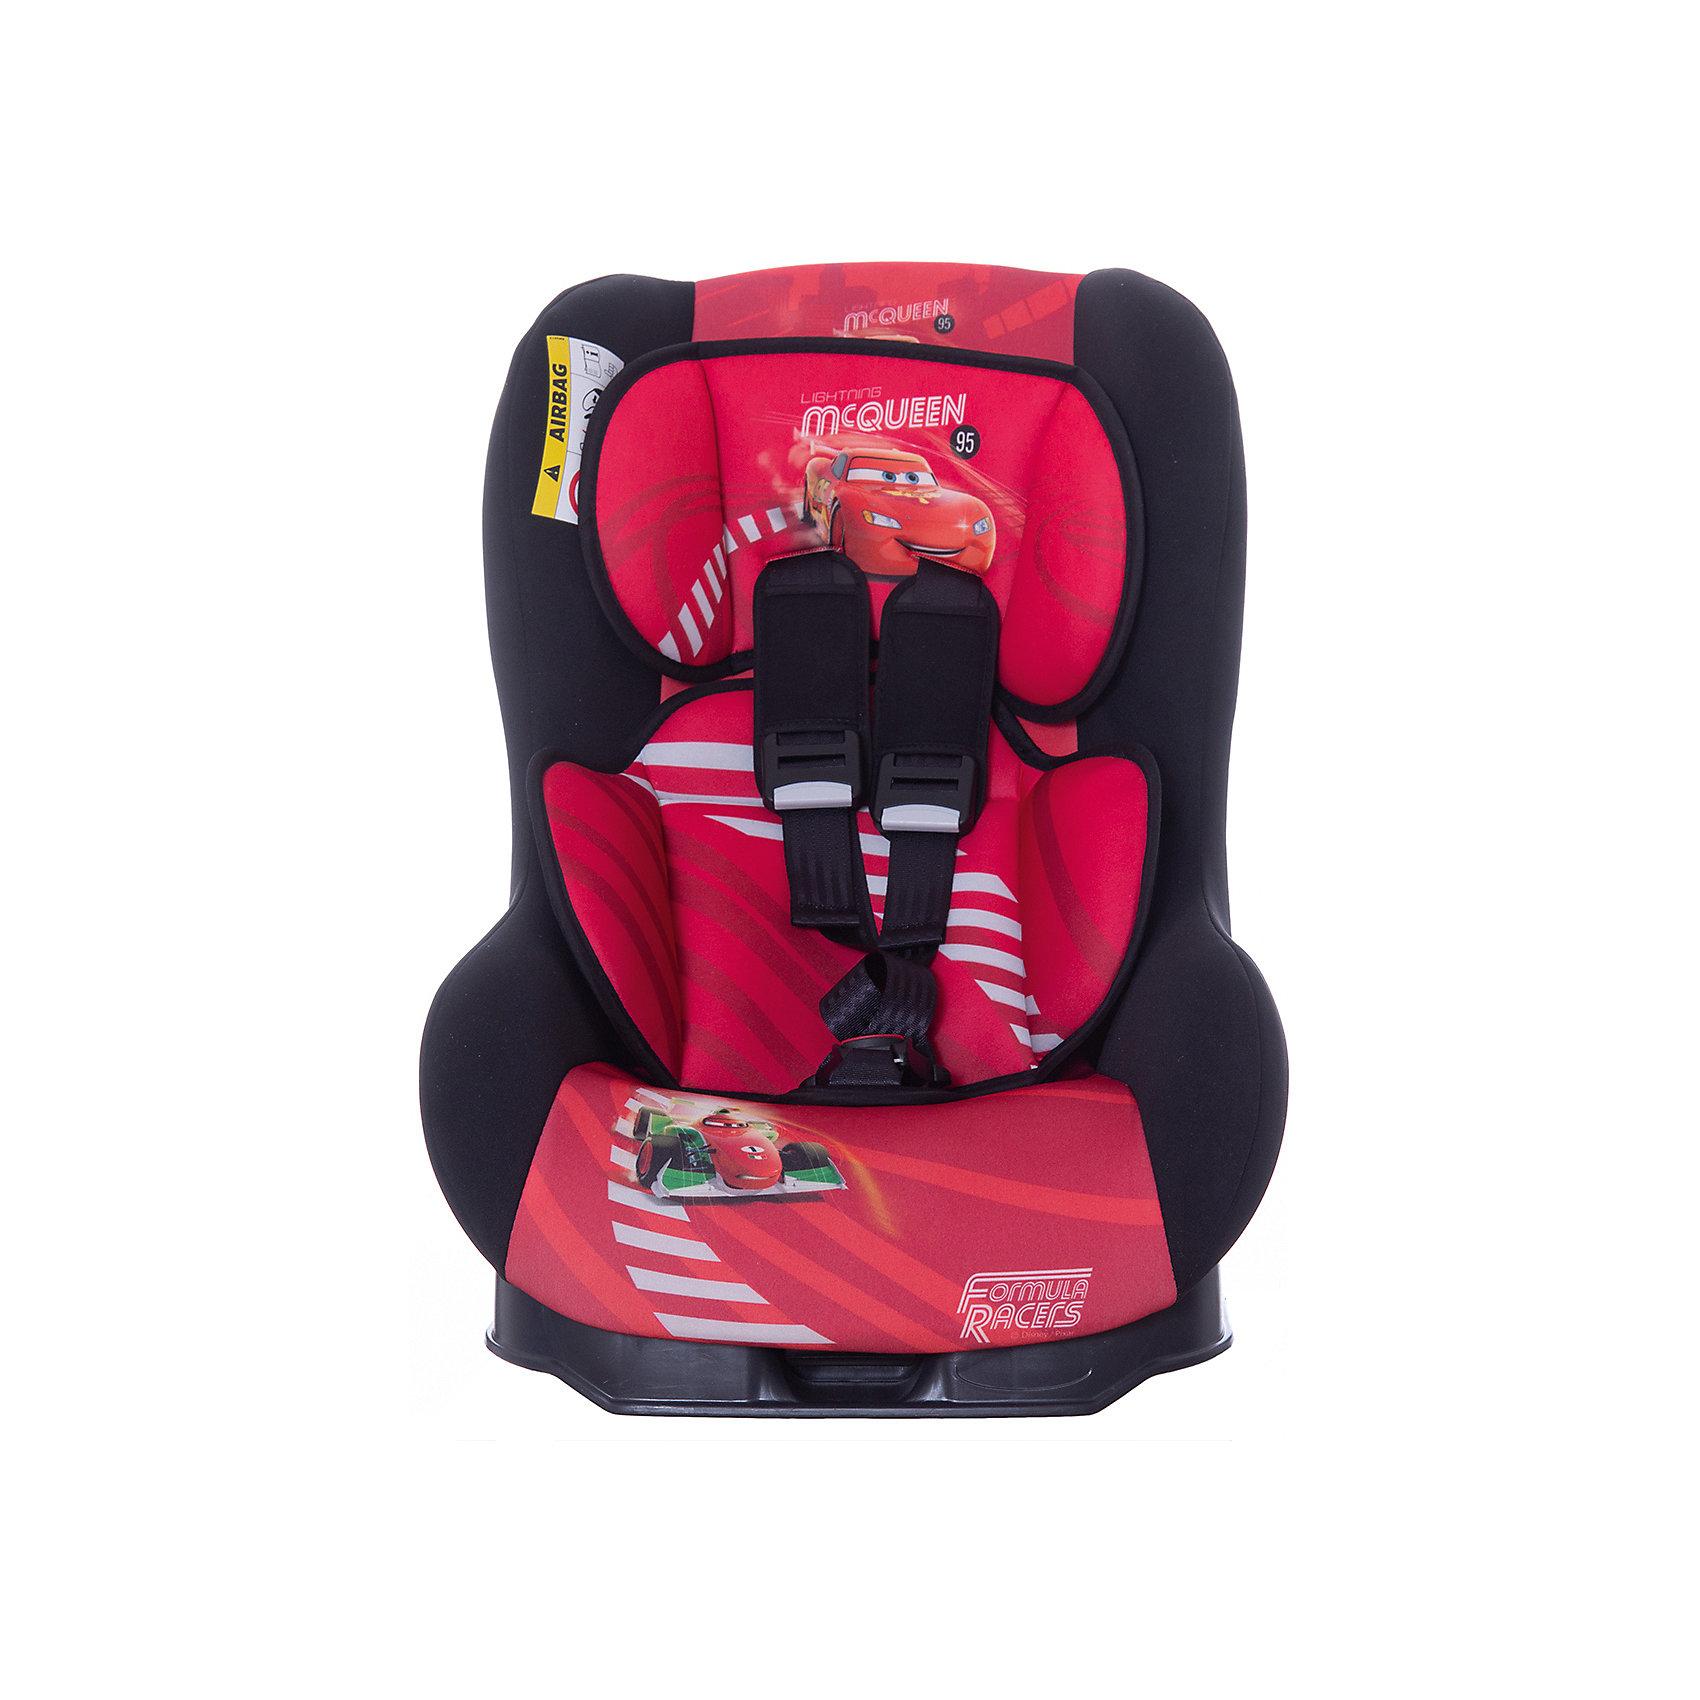 Автокресло Nania Drive, 0-18 кг, cars DisneyГруппа 0+, 1 (До 18 кг)<br>Характеристики автокресла Nania Driver:<br><br>• группа 0-1;<br>• вес ребенка: до 18 кг;<br>• возраст ребенка: от рождения до 4-х лет;<br>• способ установки: по ходу и против хода движения автомобиля;<br>• способ крепления: штатными ремнями безопасности автомобиля;<br>• 5-ти точечные ремни безопасности с мягкими накладками, регулируются по длине и высоте;<br>• регулируемый угол наклона спинки: 5 положений;<br>• анатомический вкладыш для новорожденного, подголовник;<br>• дополнительная защита от боковых ударов;<br>• съемные чехлы, стирка при температуре 30 градусов;<br>• материал: пластик, полиэстер;<br>• стандарт безопасности: ЕСЕ R44/03.<br><br>Размер автокресла: 48х44х59 см<br>Размер сиденья: 30x28 см<br>Высота спинки: 49 см<br>Вес автокресла: 6,7 кг<br>Вес в упаковке: 7 кг<br><br>Обезопасить ребенка во время поездок на машине помогает детское автокресло. Группа автокресел 0/1 используется, пока вес ребенка находится в пределах 18 кг. Регулируемый наклон спинки позволяет малышу выбрать подходящее положение и для сна, и для игр. Малыша пристегивают встроенными ремнями безопасности, которые регулируются по высоте и длине. Кресло устанавливается как по ходу движения, так и против хода движения автомобиля - зависит от возраста ребенка. <br><br>Автокресло Driver, 0-18 кг., Nania, cars Disney можно купить в нашем интернет-магазине.<br><br>Ширина мм: 600<br>Глубина мм: 460<br>Высота мм: 520<br>Вес г: 12490<br>Возраст от месяцев: 0<br>Возраст до месяцев: 48<br>Пол: Мужской<br>Возраст: Детский<br>SKU: 5287298